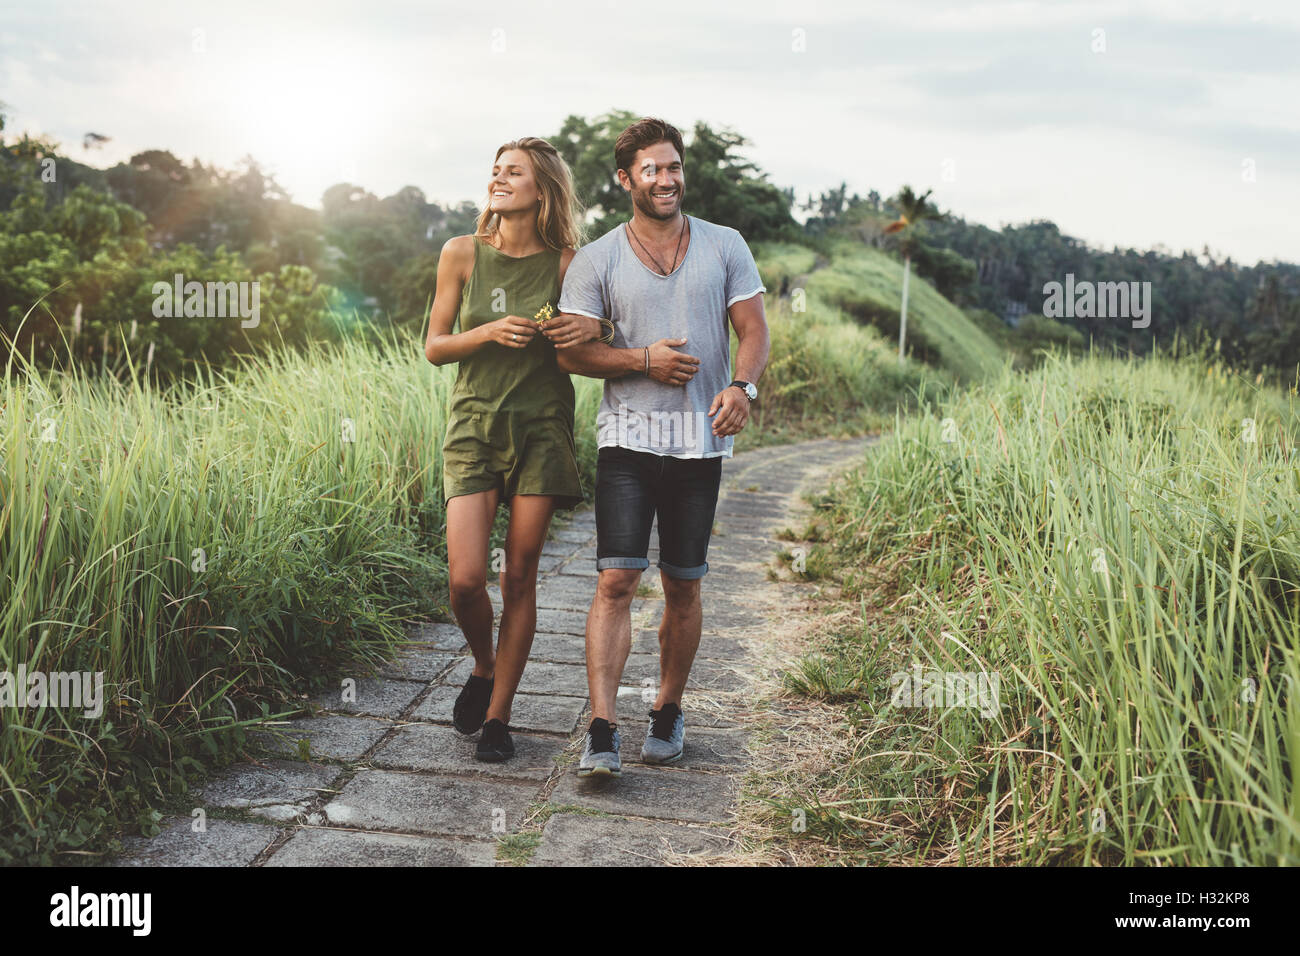 Colpo all'aperto della giovane coppia ama camminare sul percorso attraverso il campo di erba. L uomo e la donna Immagini Stock